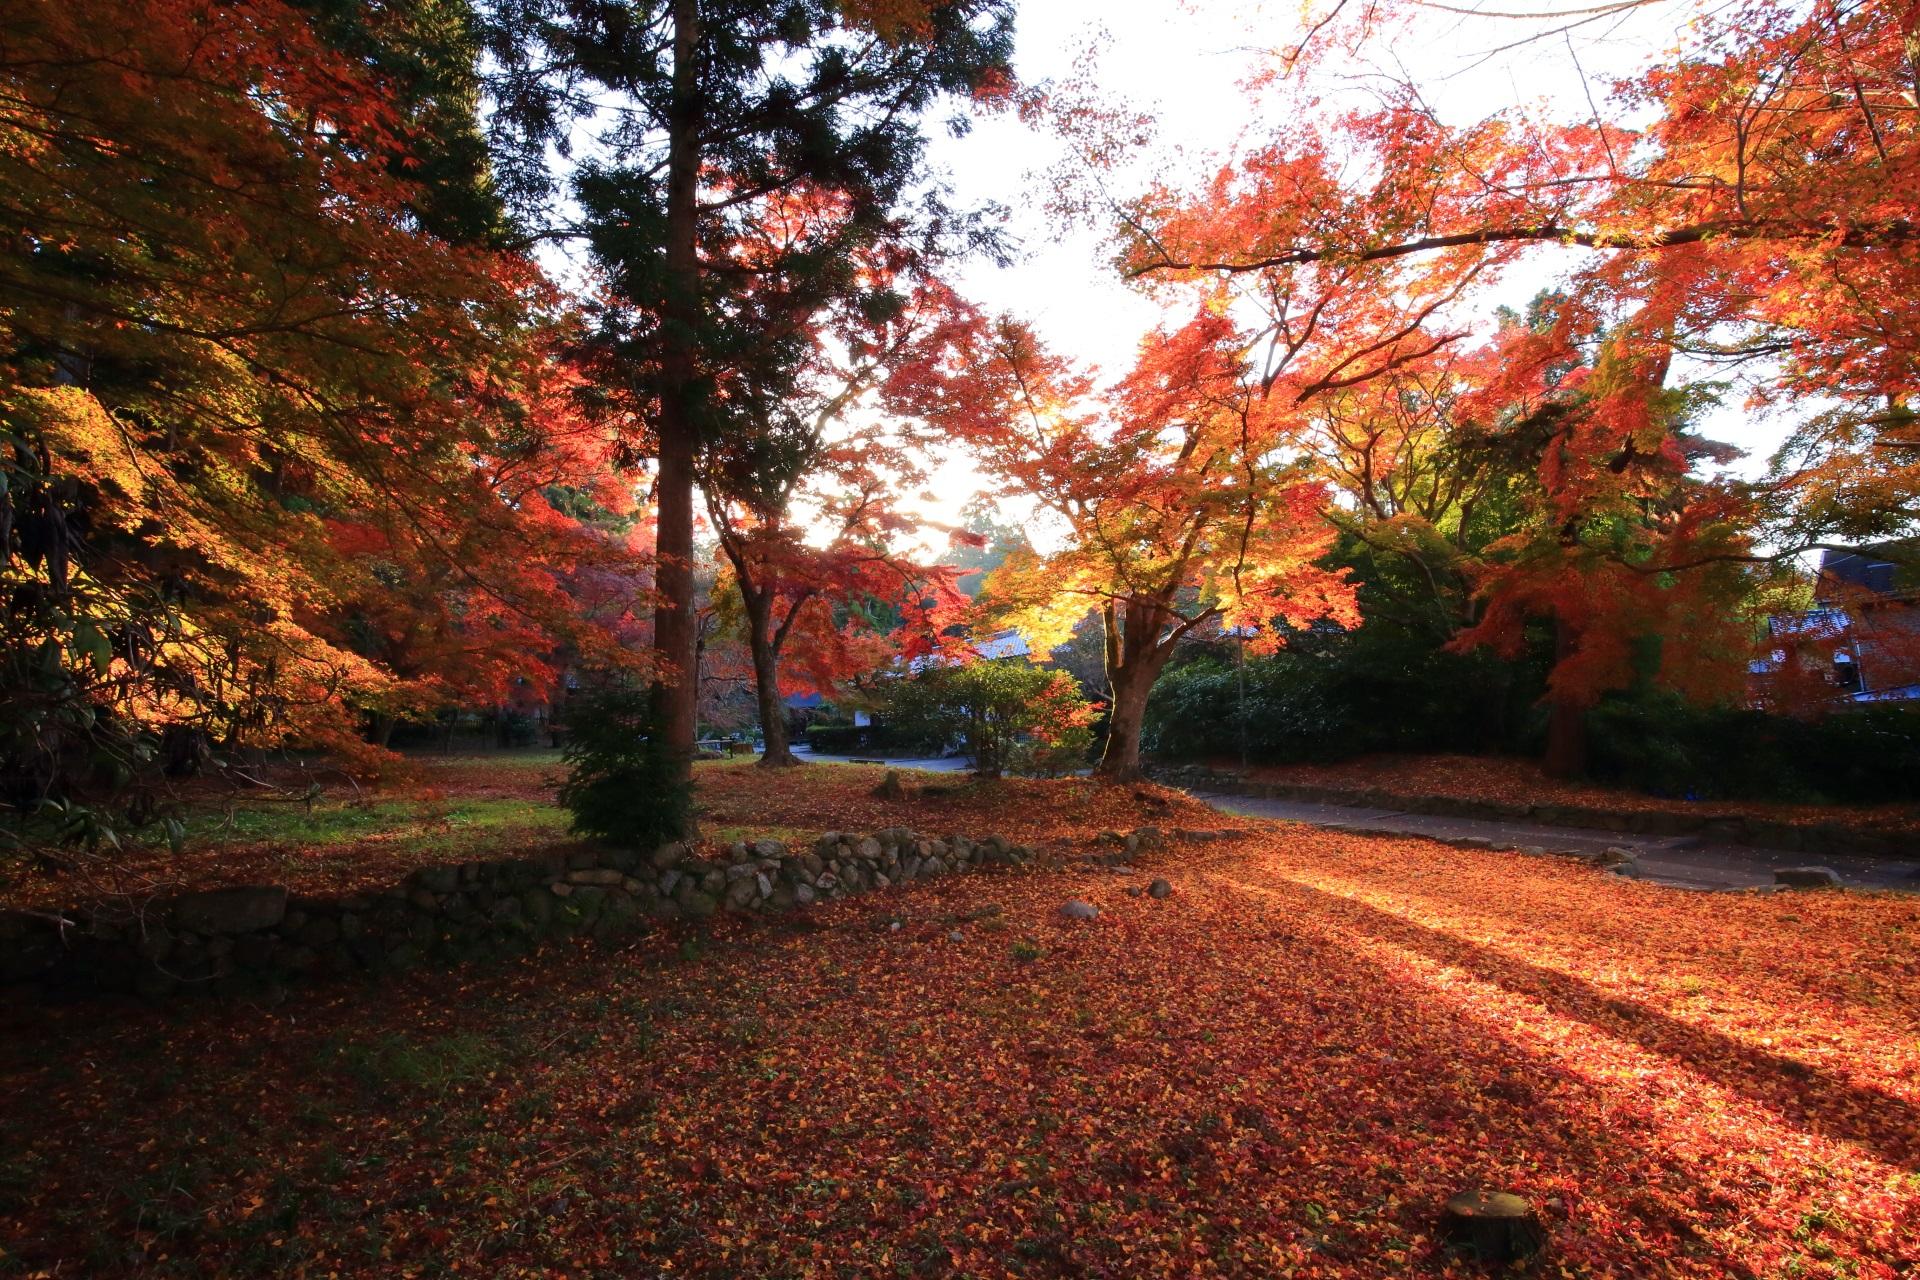 日が昇ってきて光が差し込む紅葉と散りもみじ